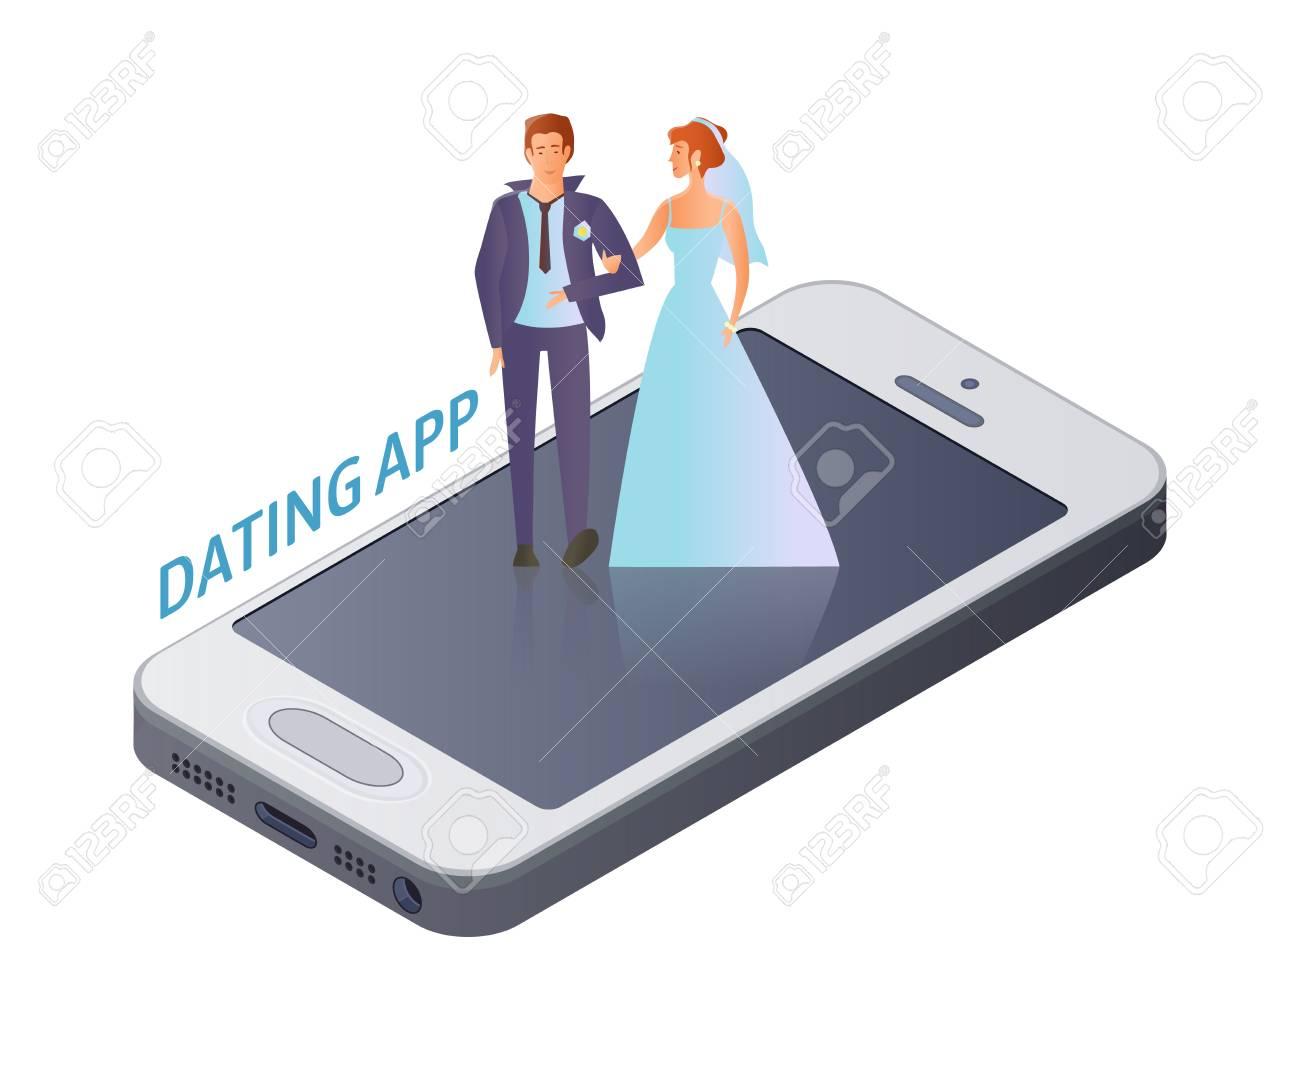 rencontres apps pour le mariage